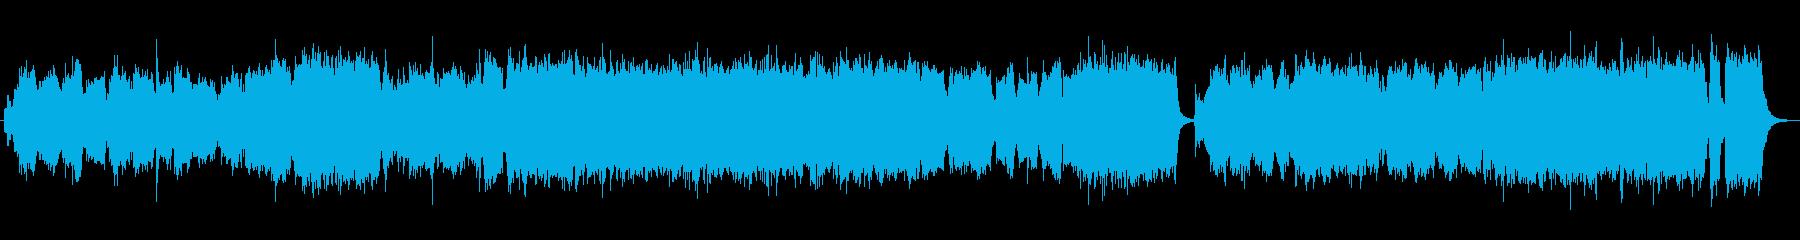 大河ドラマ風のオーケストラ曲ですの再生済みの波形